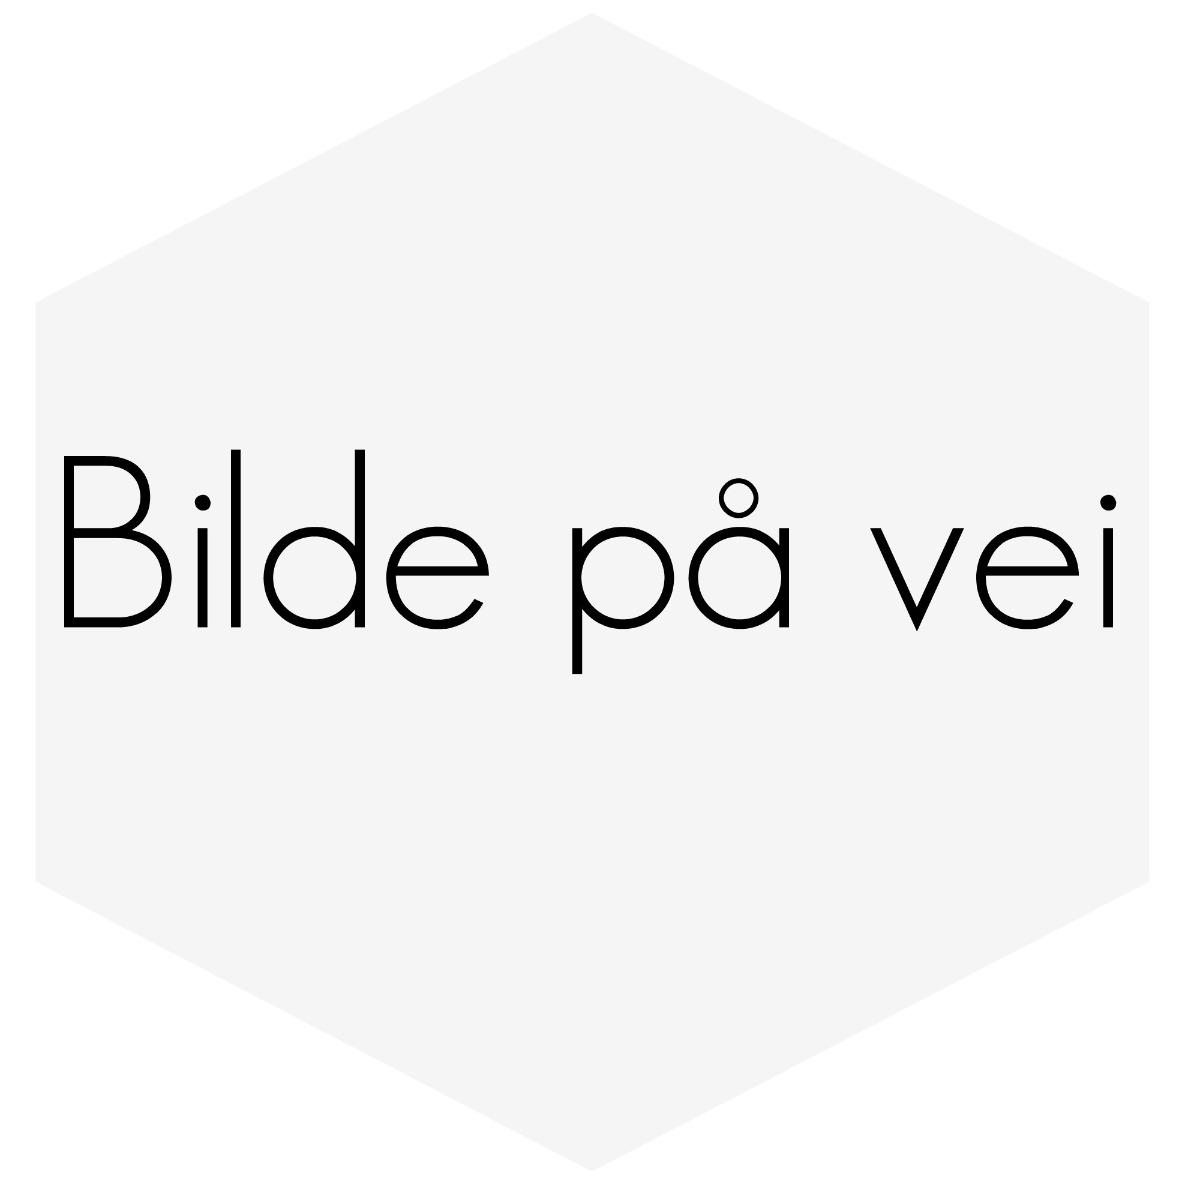 FJÆR FORAN TIL VOLVO S/V40 7MND 2000-2004 MOTORTYPE 1,8.-2,0-1,9D-2,0D